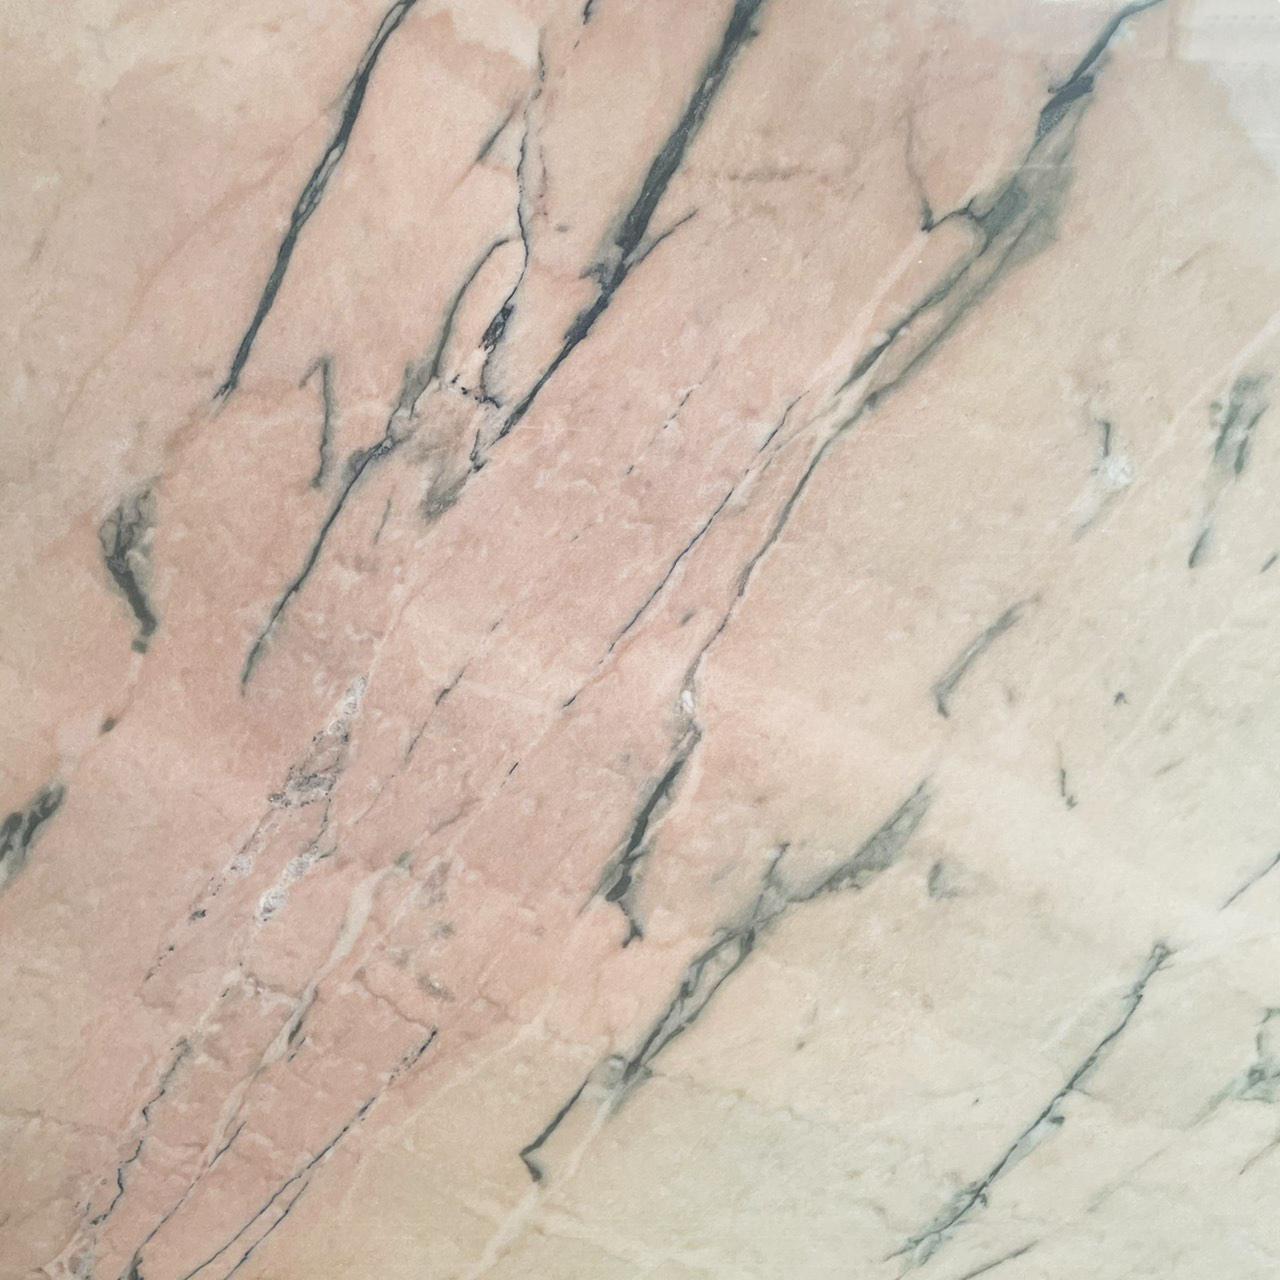 ✔ 表面處理:亮面 ✔ 原石產地:葡萄牙 ✔ 適合施作:檯面、牆面、地坪